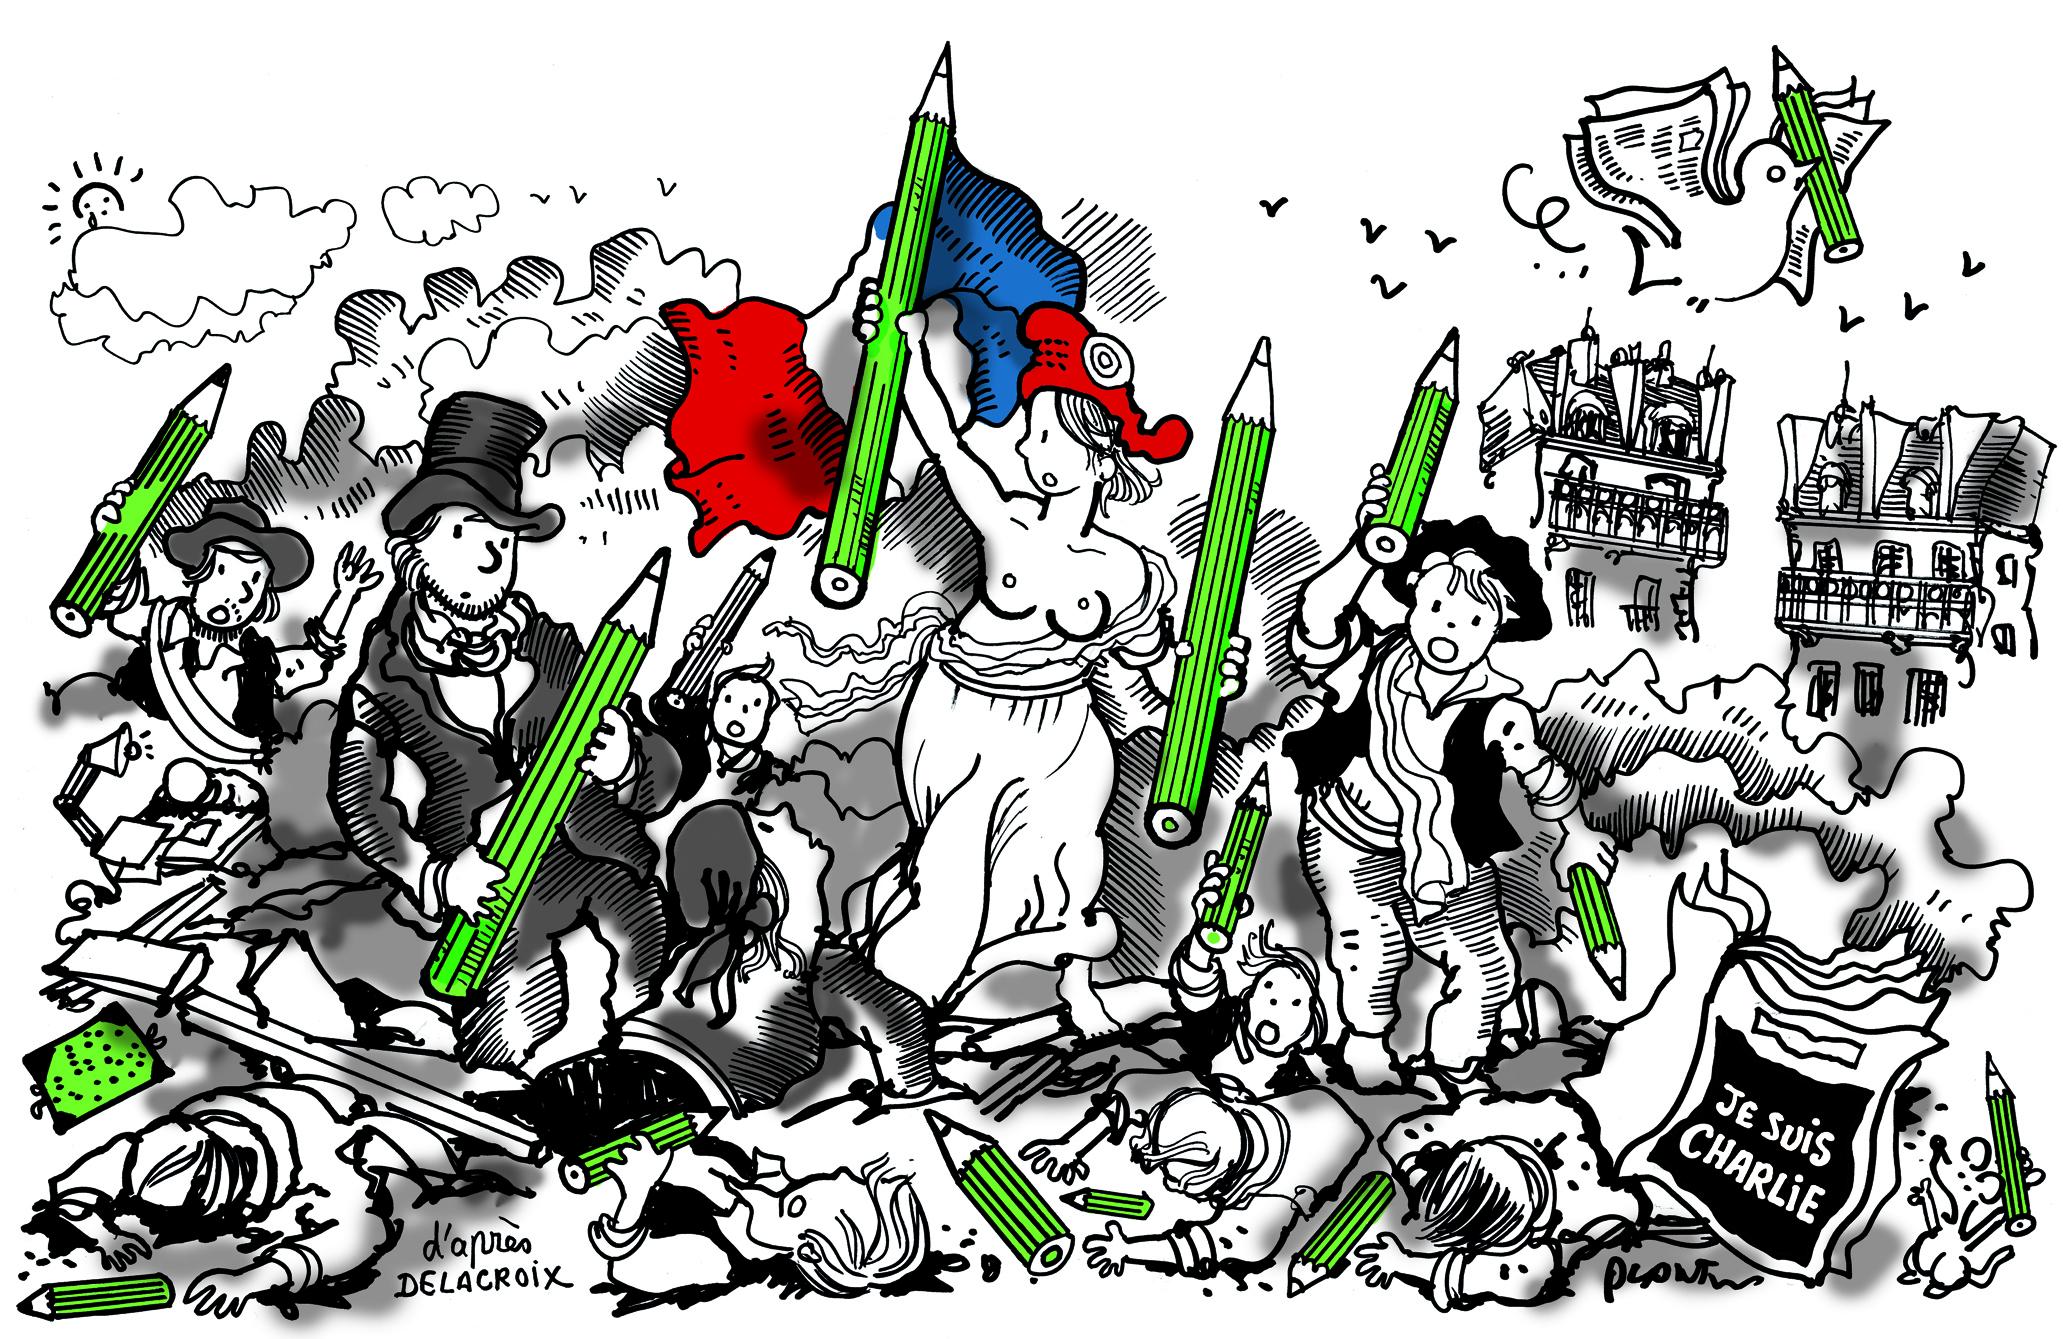 Comprendre le tableau célèbre de DELACROIX : La Liberté guidant le peuple